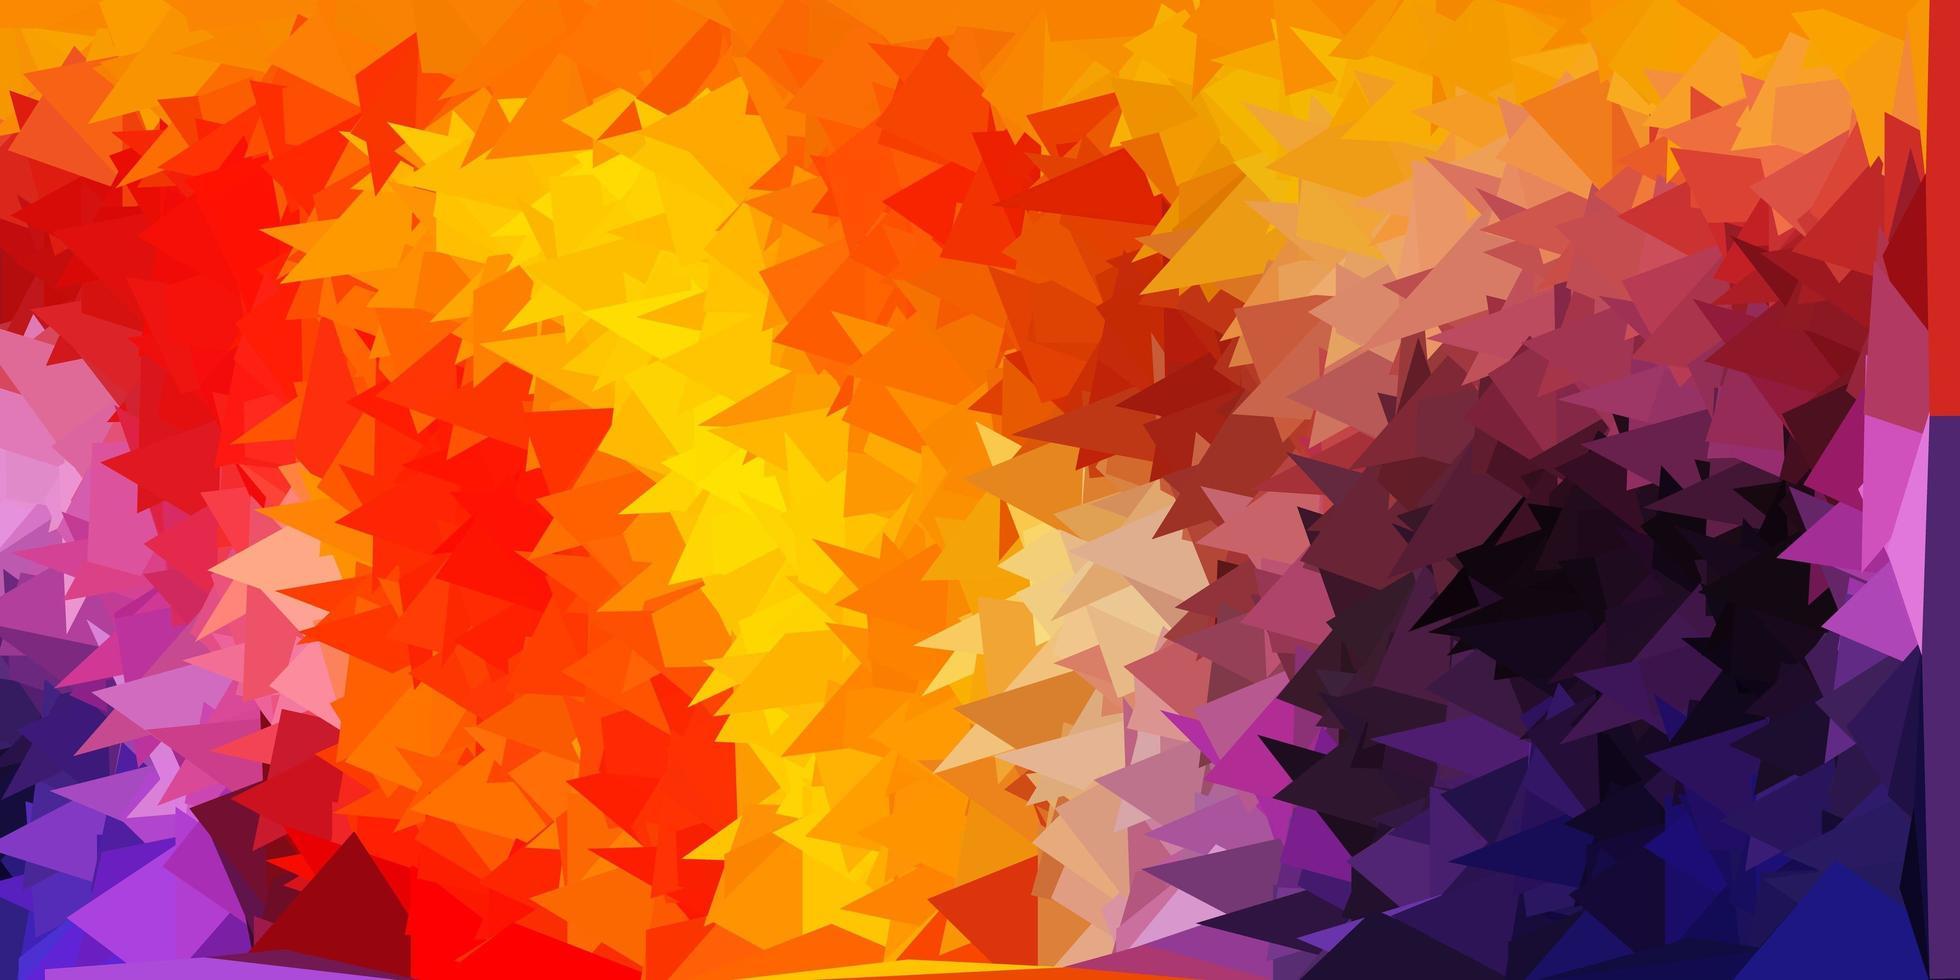 texture de polygone rose, jaune et rouge. vecteur